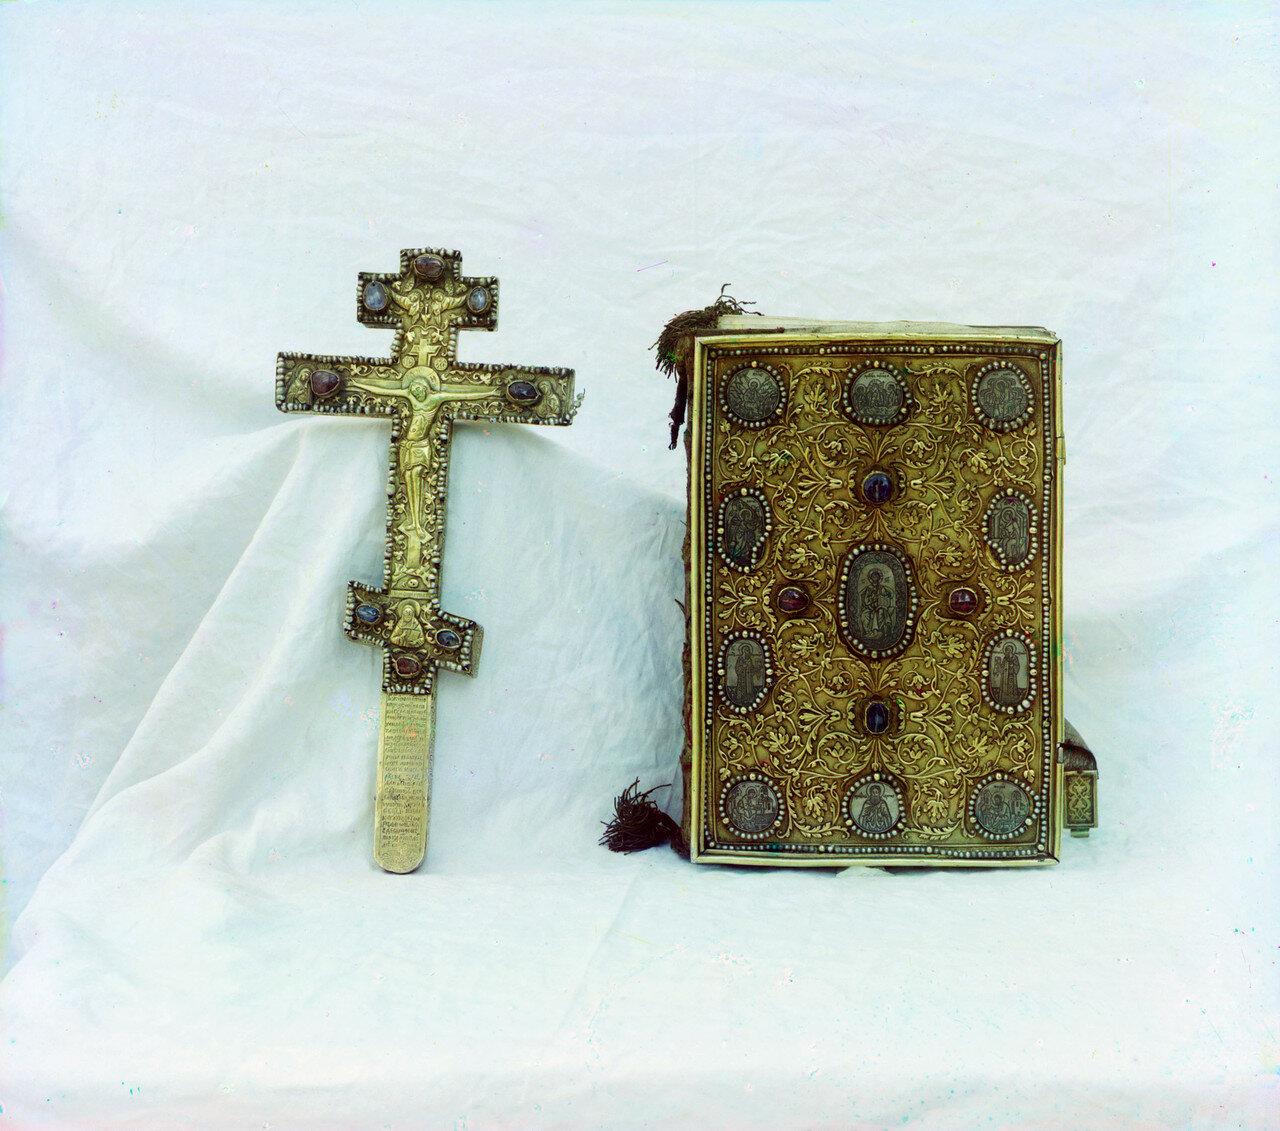 Кремль. Успенский собор. Крест и Евангелие. Дар царя Михаила Федоровича. В ризнице собора